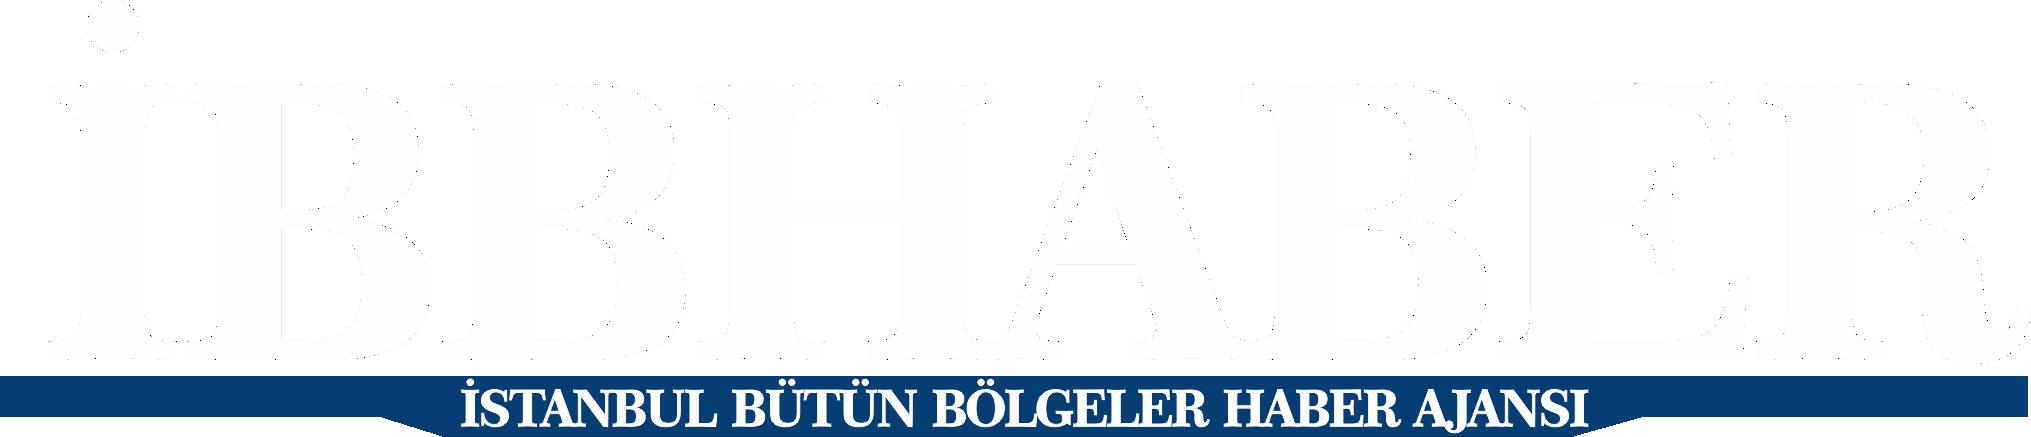 İBB HABER İstanbul Haber